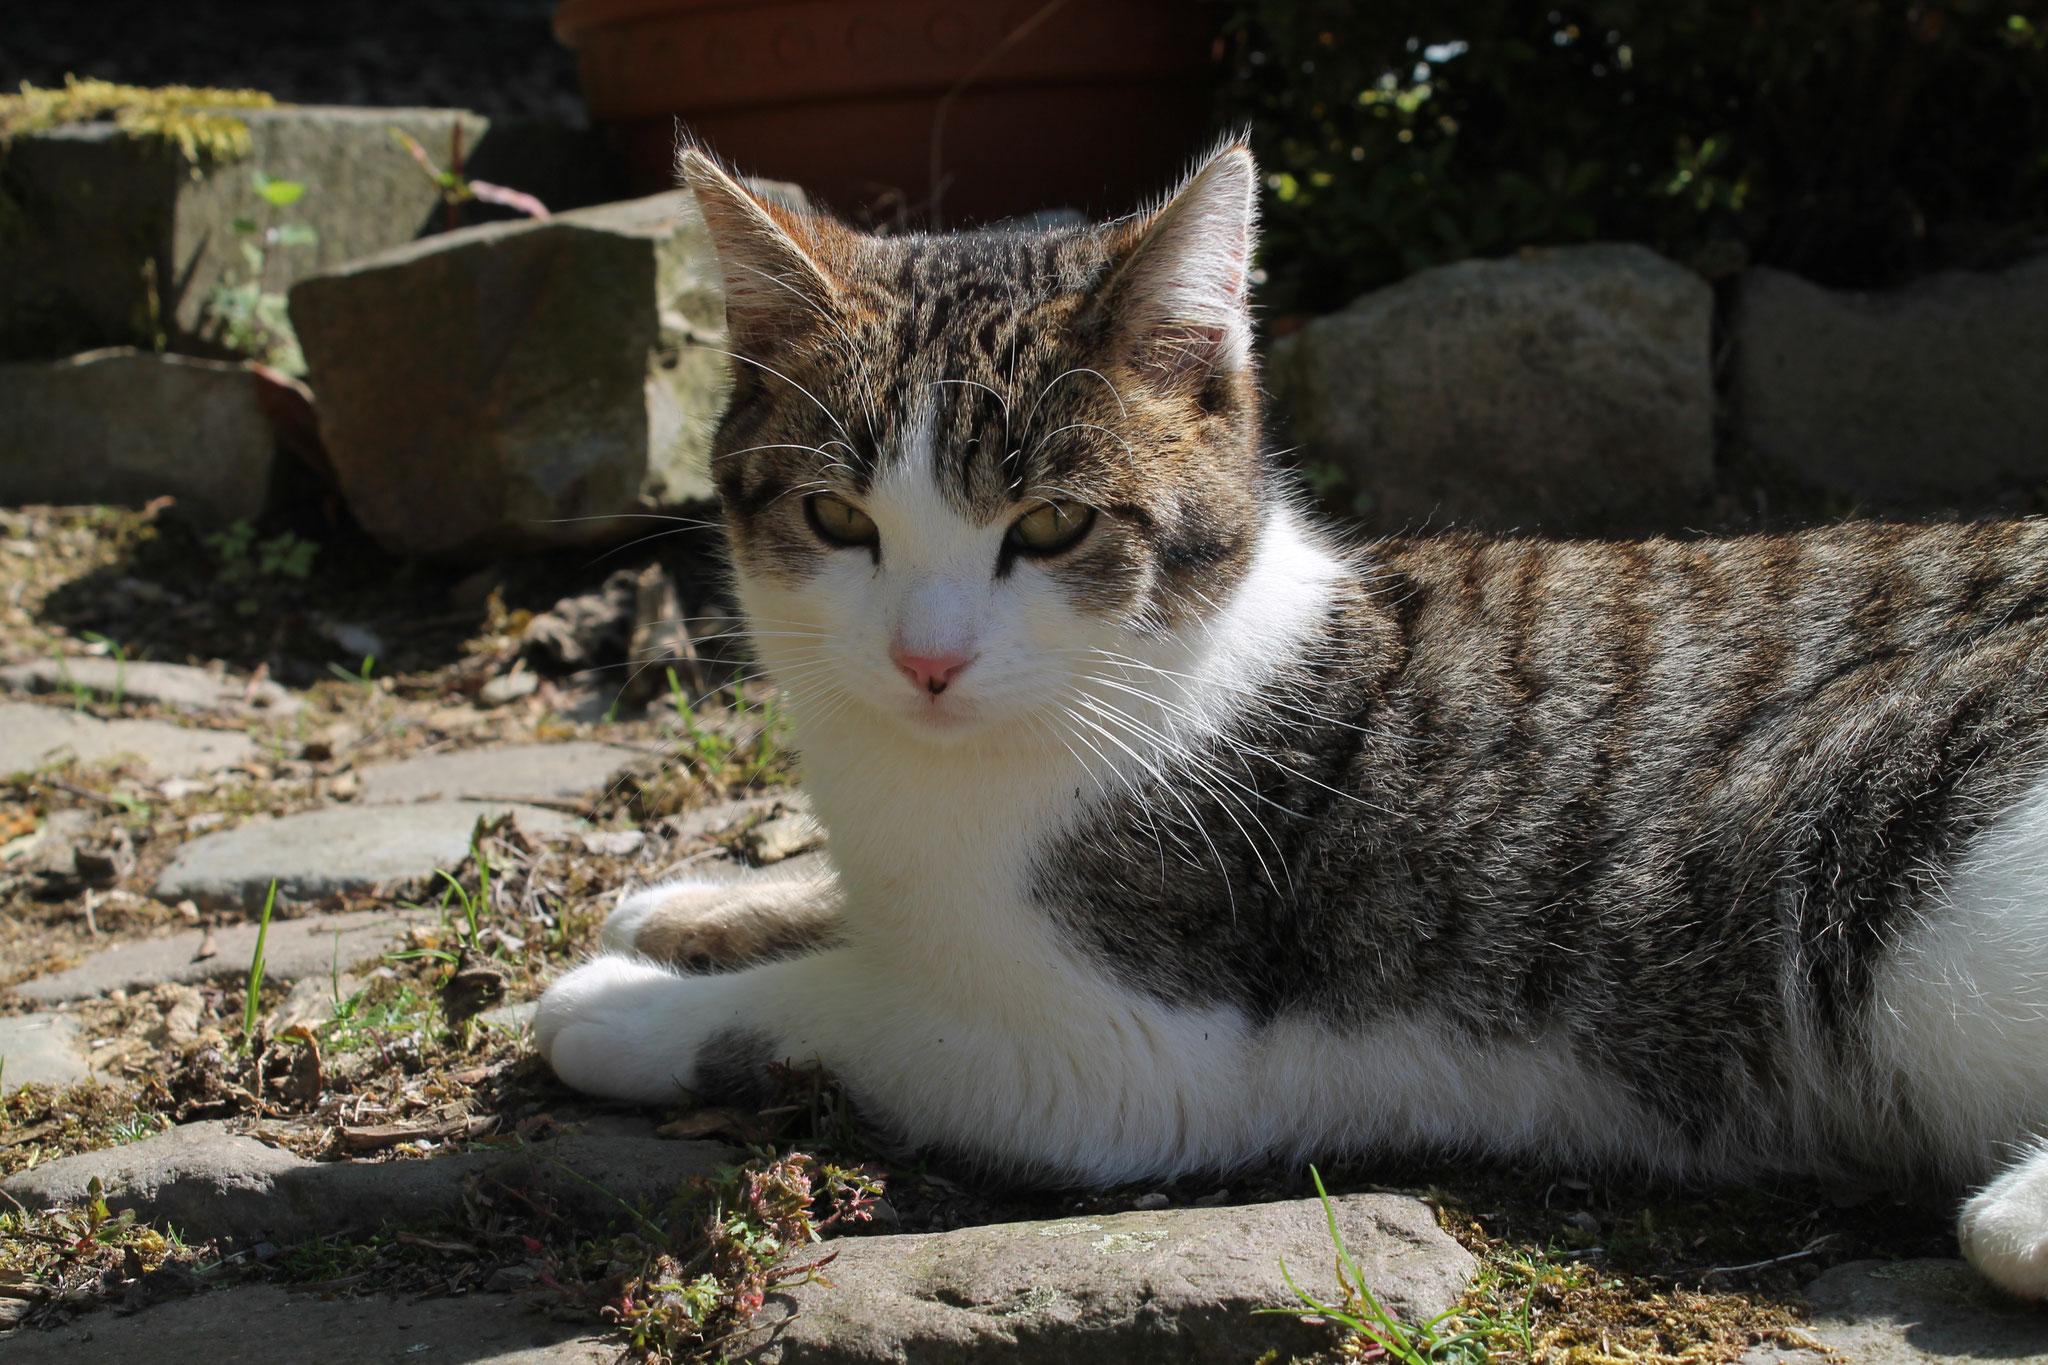 Katze carly